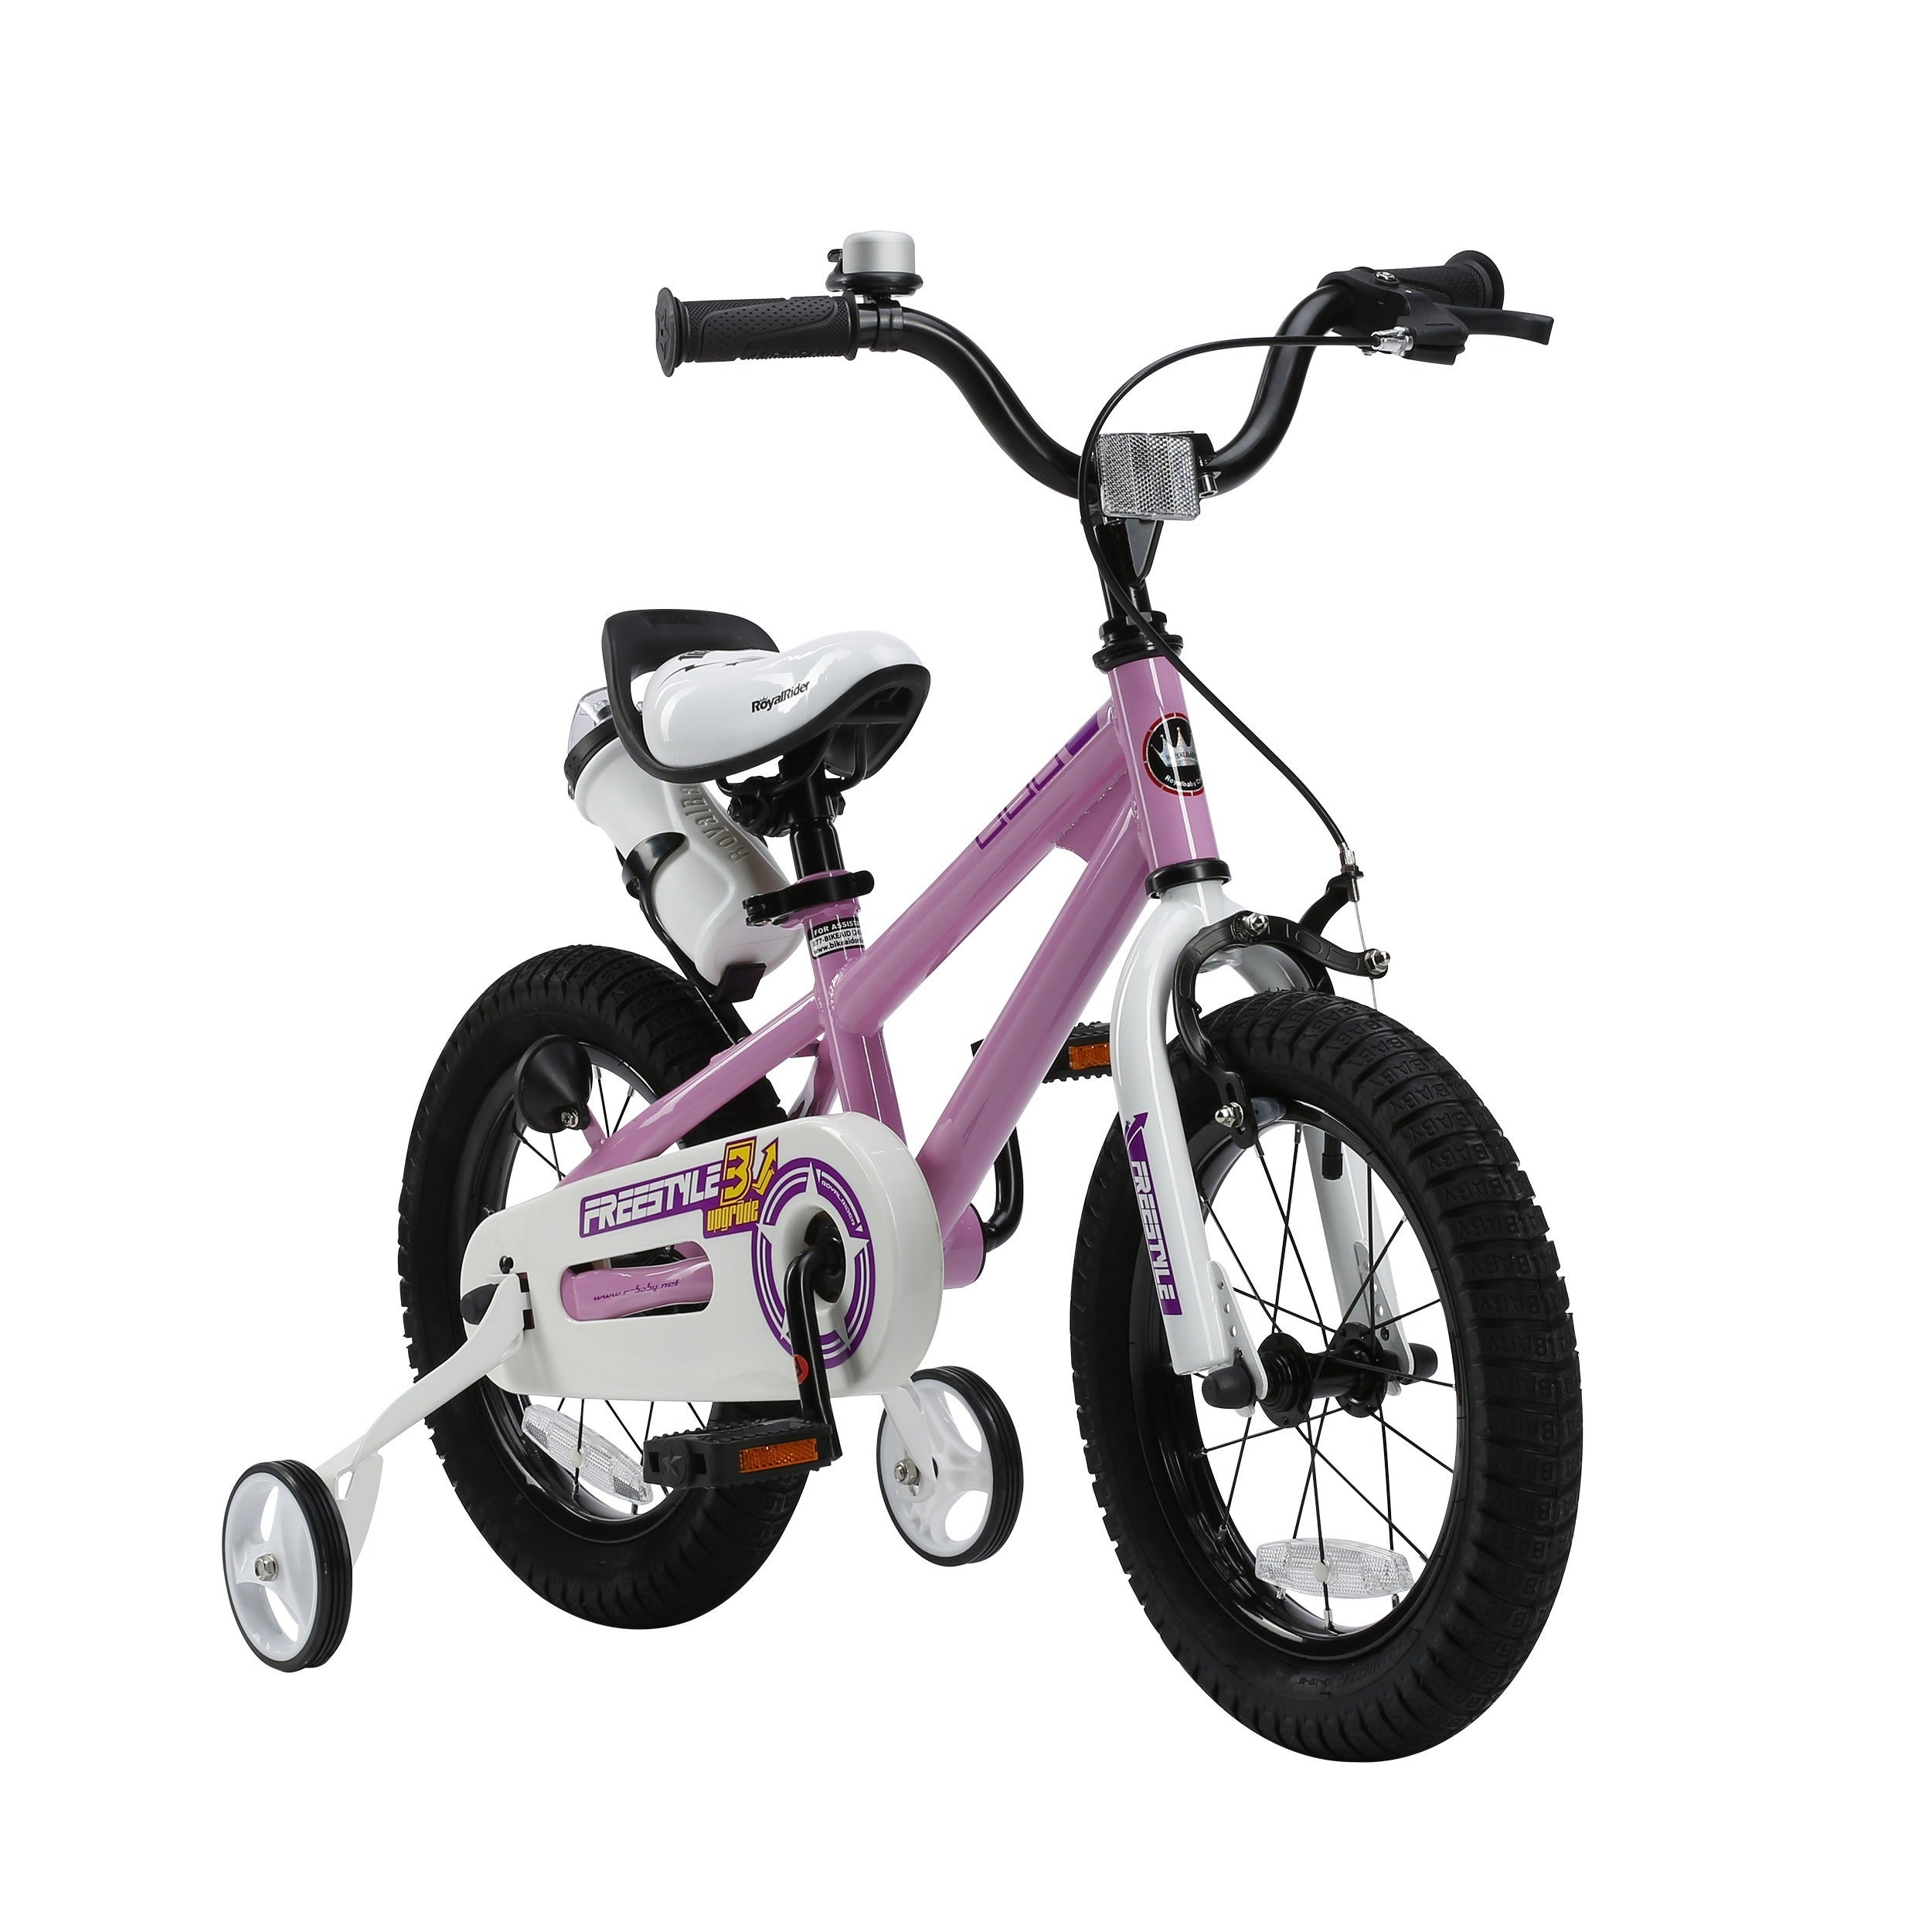 ebc257eb2140 Shop RoyalBaby BMX Freestyle 18-inch Kids' Bike with Training Wheels .